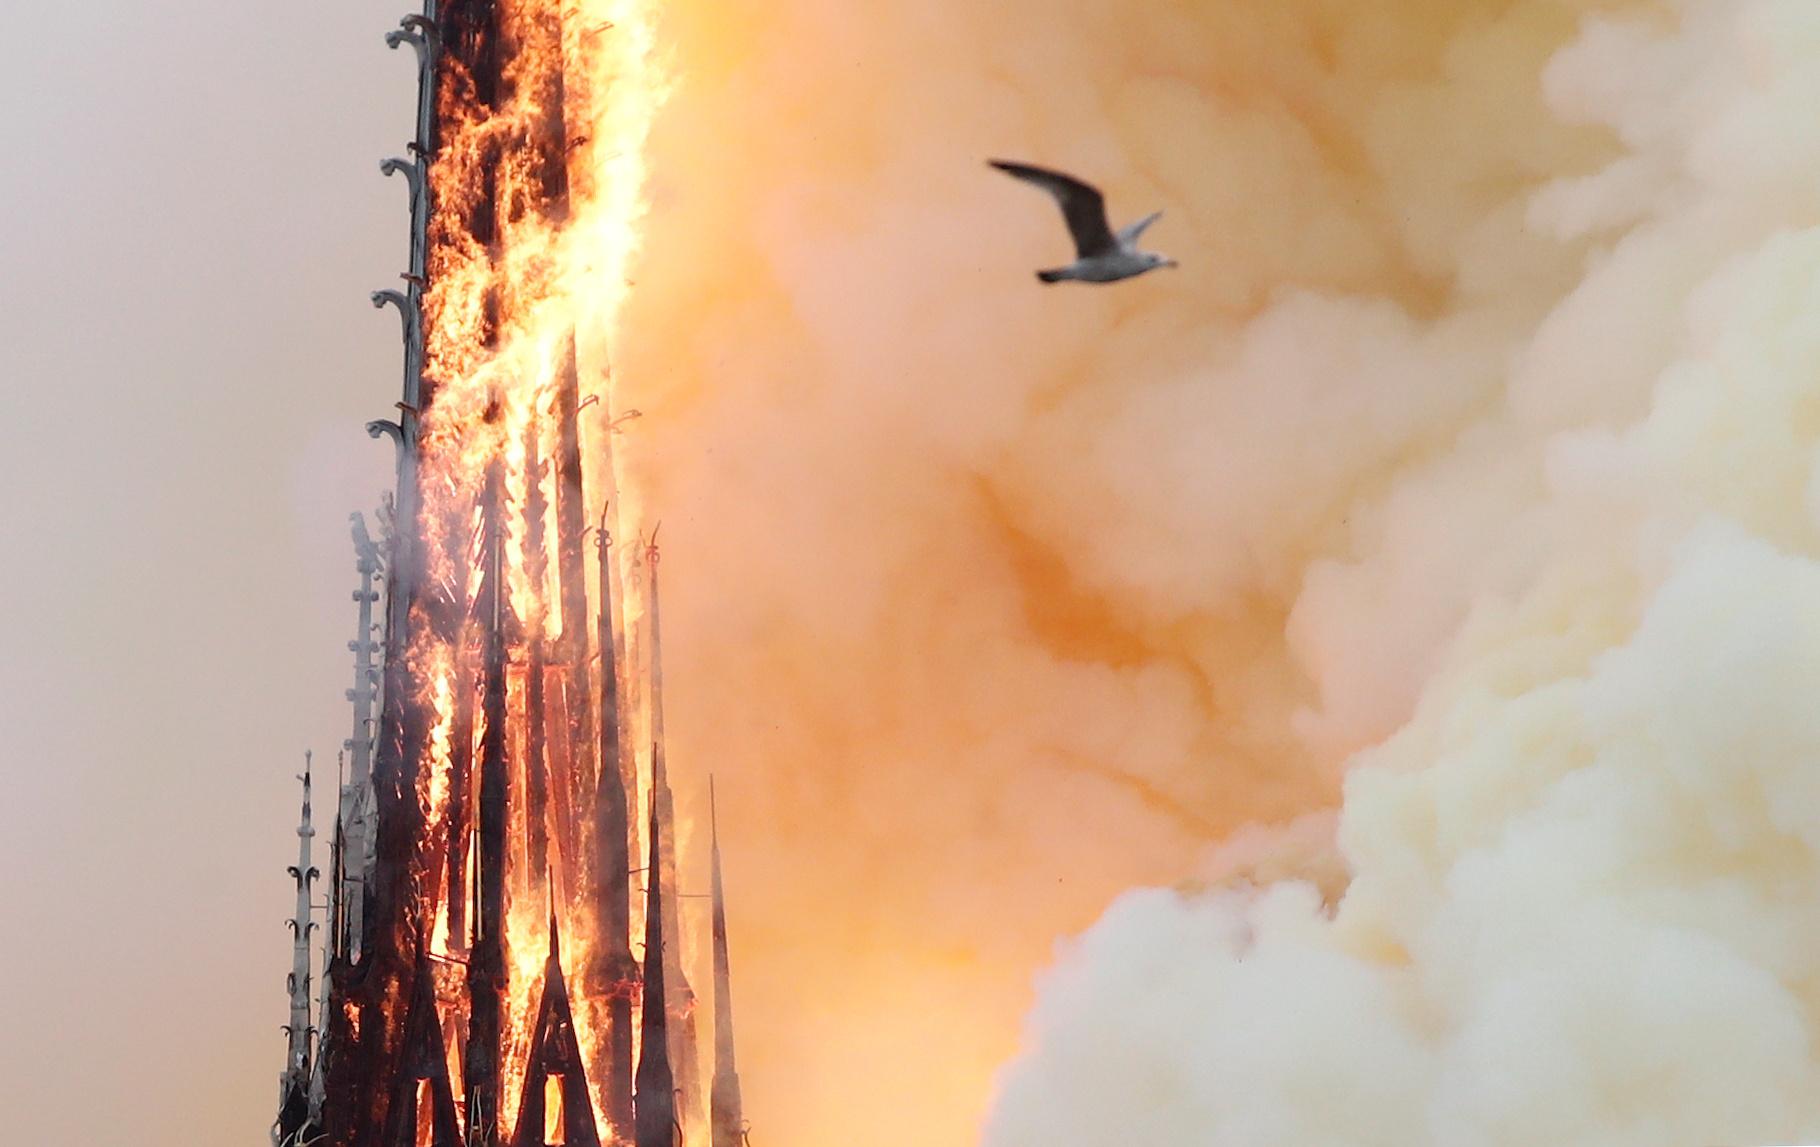 بداية إنهيار أحد أبراج الكاتدرائية